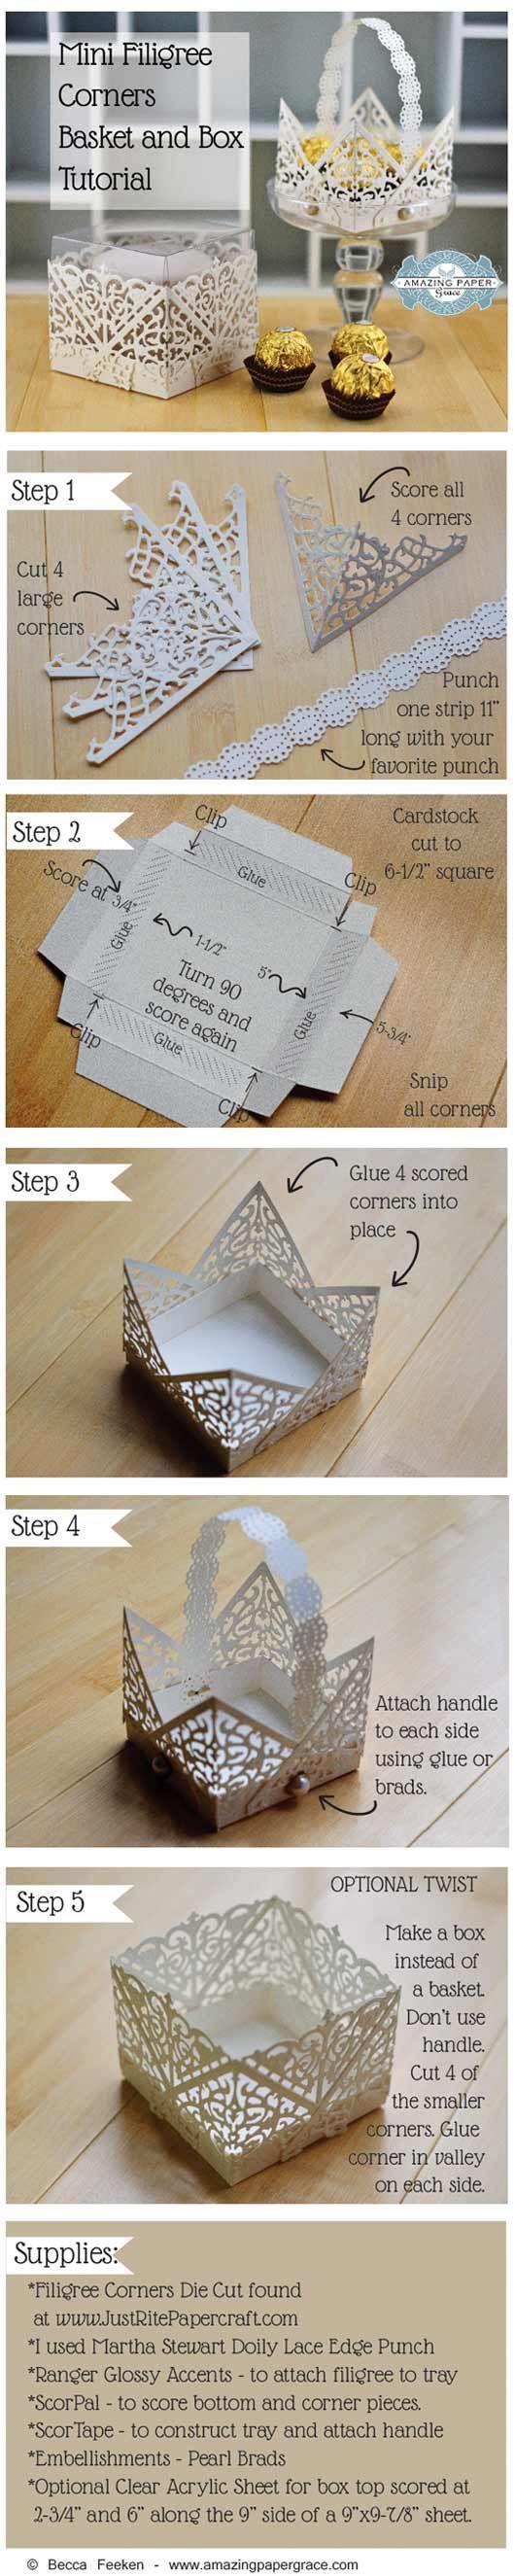 Mini Filigree Corners Basket and Box Tutorial by Becca Feeken